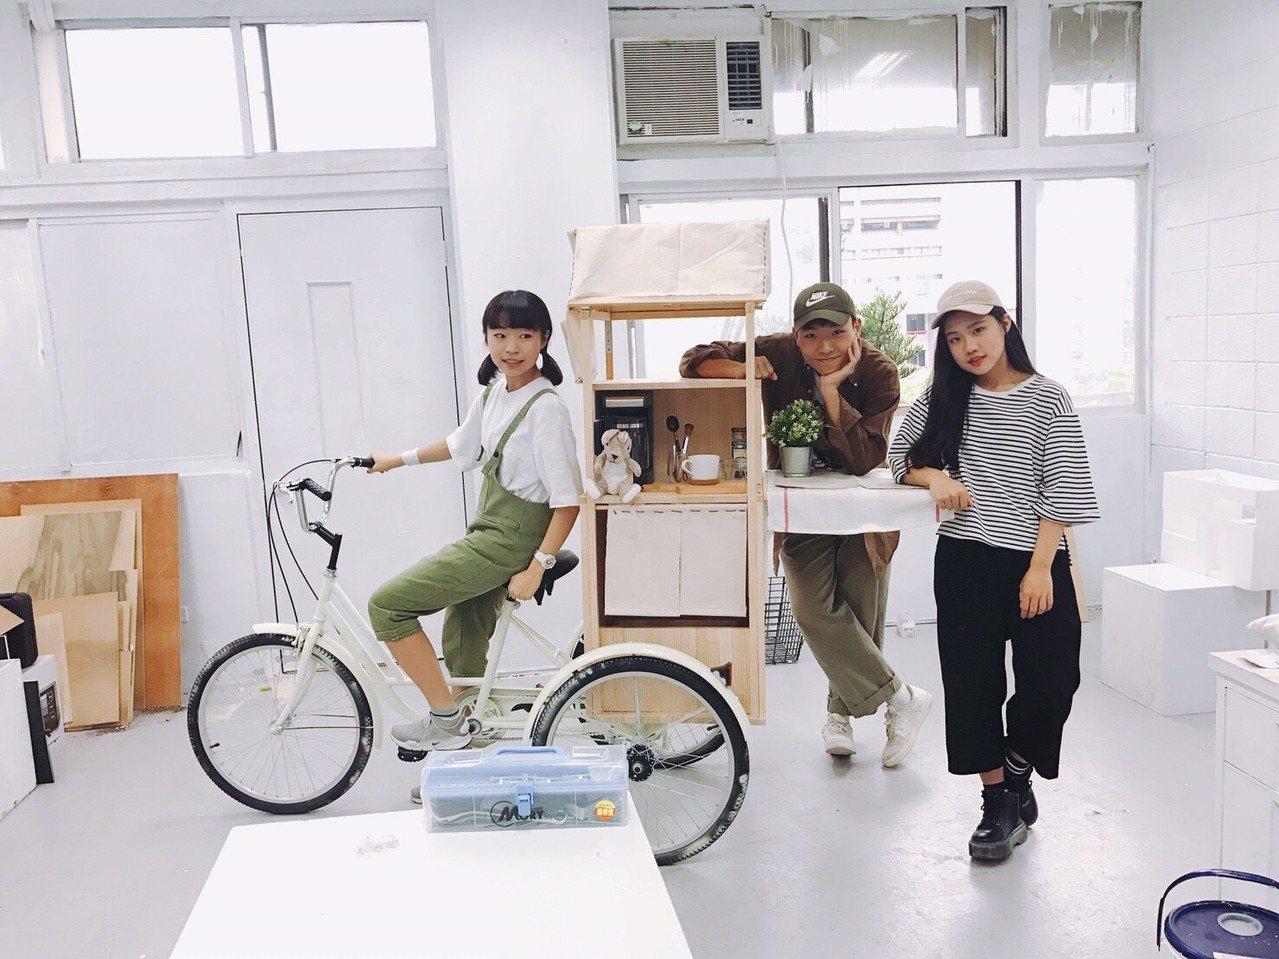 元智大學藝術與設計系大一生陳玟蒨(左起)、王昱惟和蔡瑋倫共同打造專屬咖啡廳。圖/...